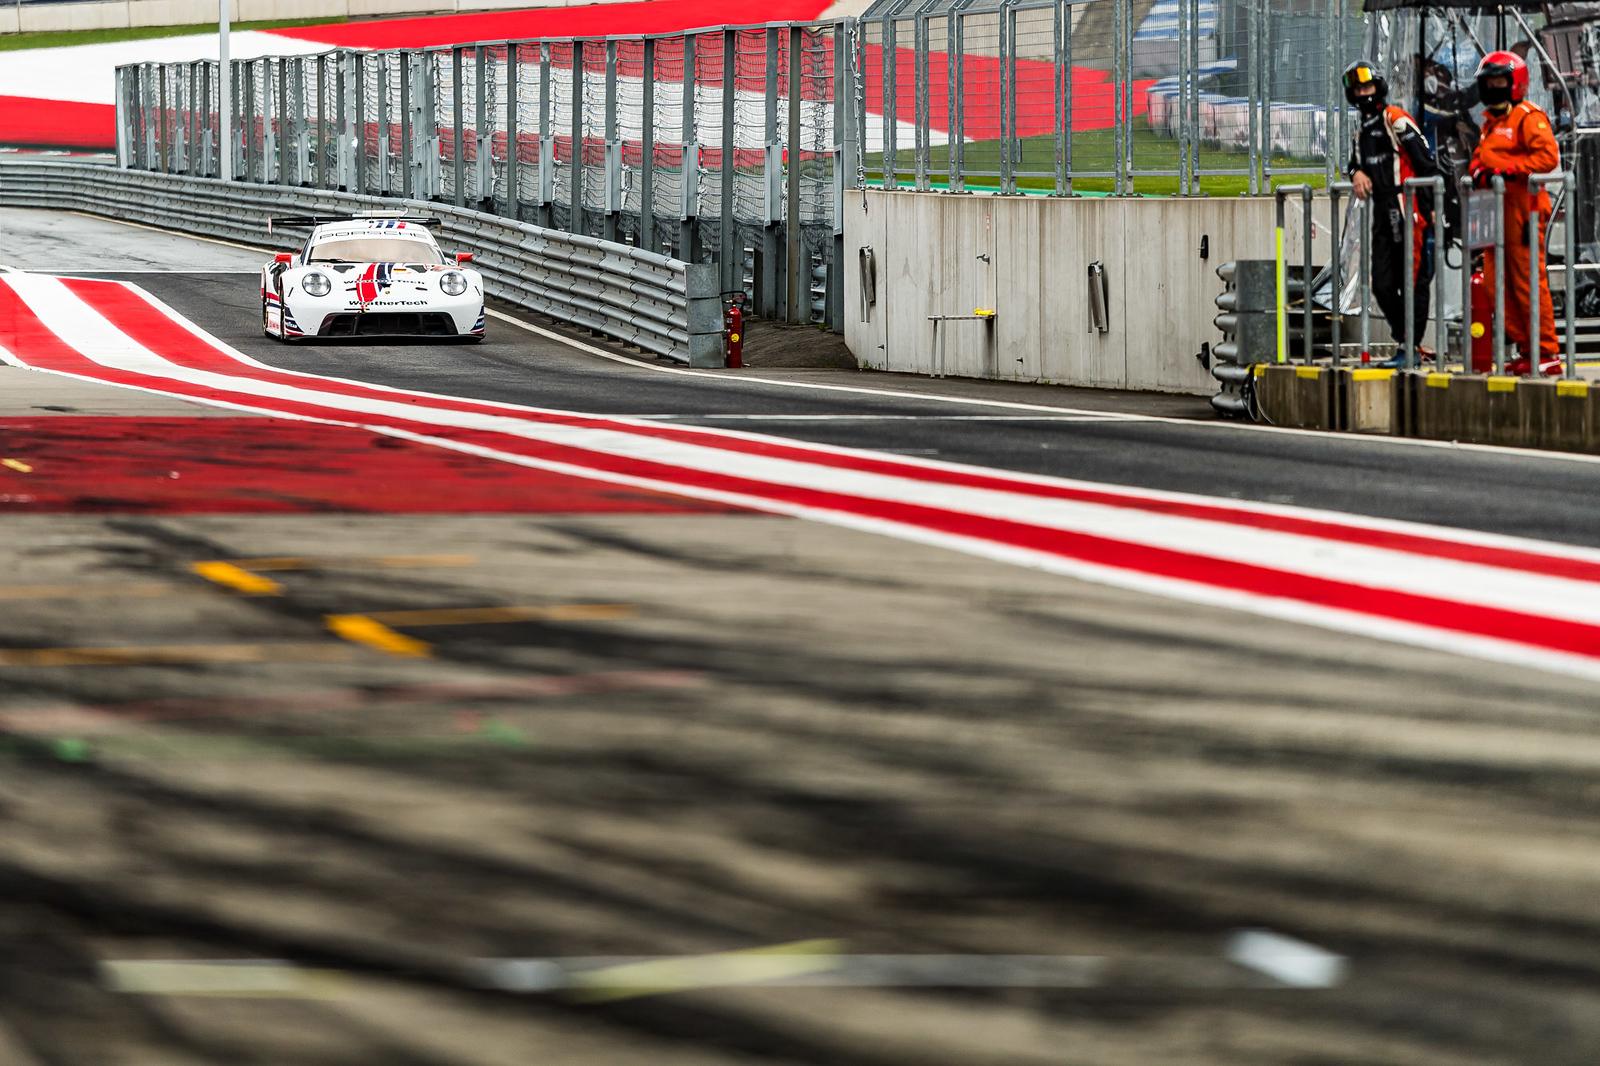 Porsche coming down the lane.